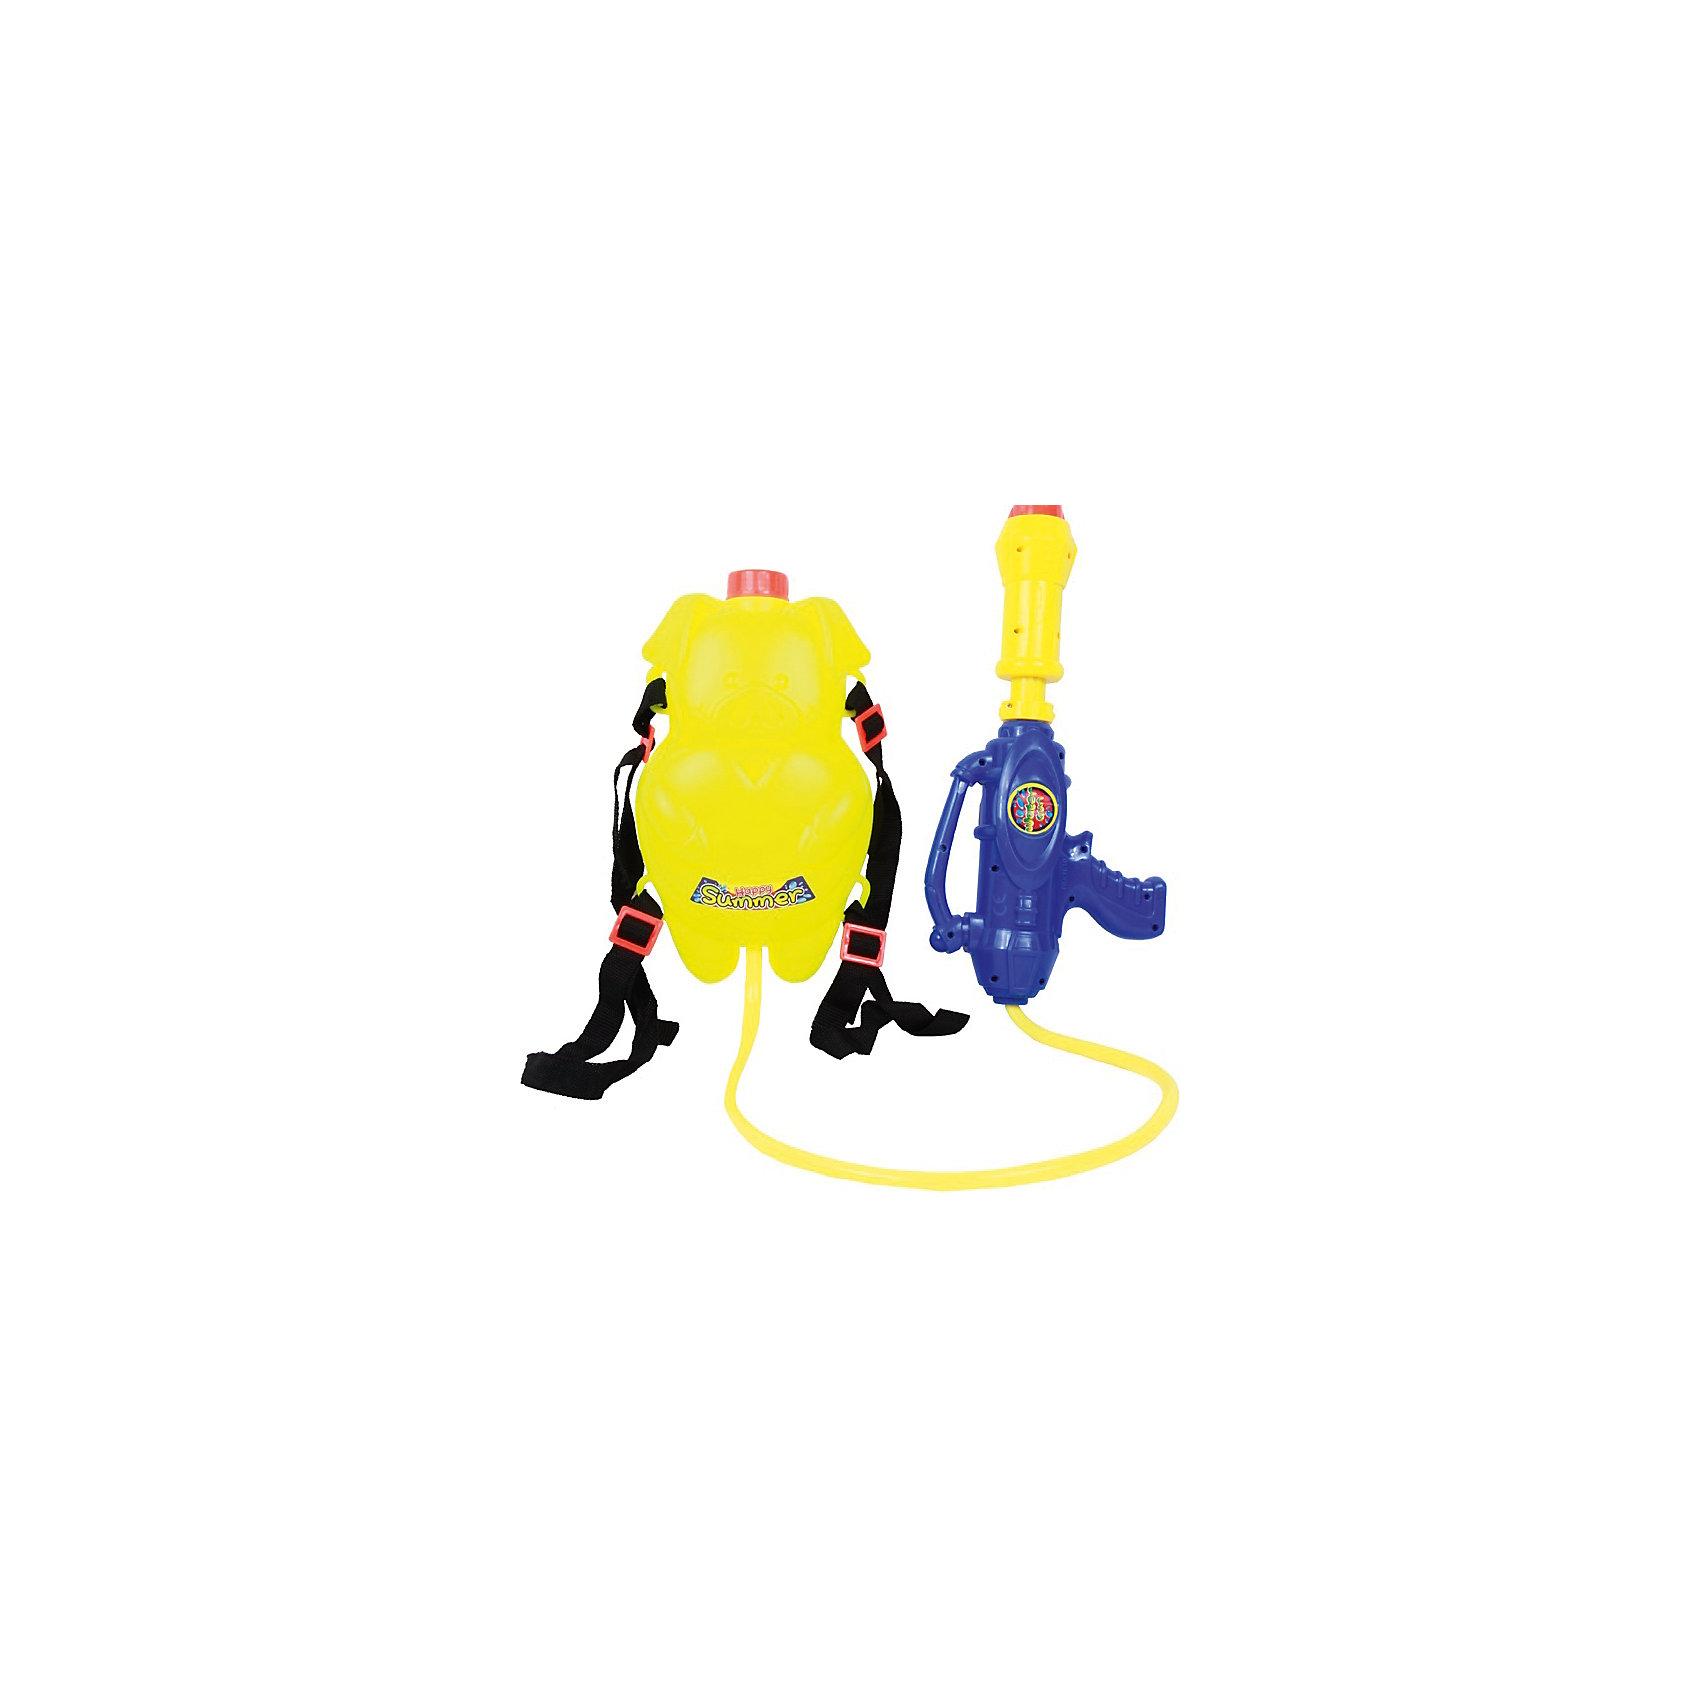 Водный автомат Секретное задание, 40 см, BebelotВодный автомат Секретное задание, Bebelot, станет отличным развлечением в жаркие летние дни. Игрушка выполнена в ярком красочном дизайне и состоит из автомата и резервуара для воды. Все материалы качественные и прочные. Оружие-водомет удобно располагается в руке и легко заполняется водой. Вместительный резервуар для воды в виде ранца надежно фиксируются на спине благодаря широким лямкам. Юные любители пострелять могут устраивать настоящие водные сражения, бесконечно наполняя резервуар водой и поливая друг друга. Игры с водяным оружием не только увлекательны, но и безопасны для ребёнка, развивают глазомер, точность, меткость и ловкость.<br><br>Дополнительная информация:<br><br>- В комплекте: автомат, ранец из 2 баллонов.<br>- Материал: пластик.<br>- Длина водомета: 40 см.<br>- Размер упаковки: 35 х 23 х 6 см.<br>- Вес: 0,29 кг.<br> <br>Водный автомат Секретное задание, 40 см., Bebelot, можно купить в нашем интернет-магазине.<br><br>Ширина мм: 355<br>Глубина мм: 230<br>Высота мм: 65<br>Вес г: 290<br>Возраст от месяцев: 36<br>Возраст до месяцев: 72<br>Пол: Унисекс<br>Возраст: Детский<br>SKU: 4622213